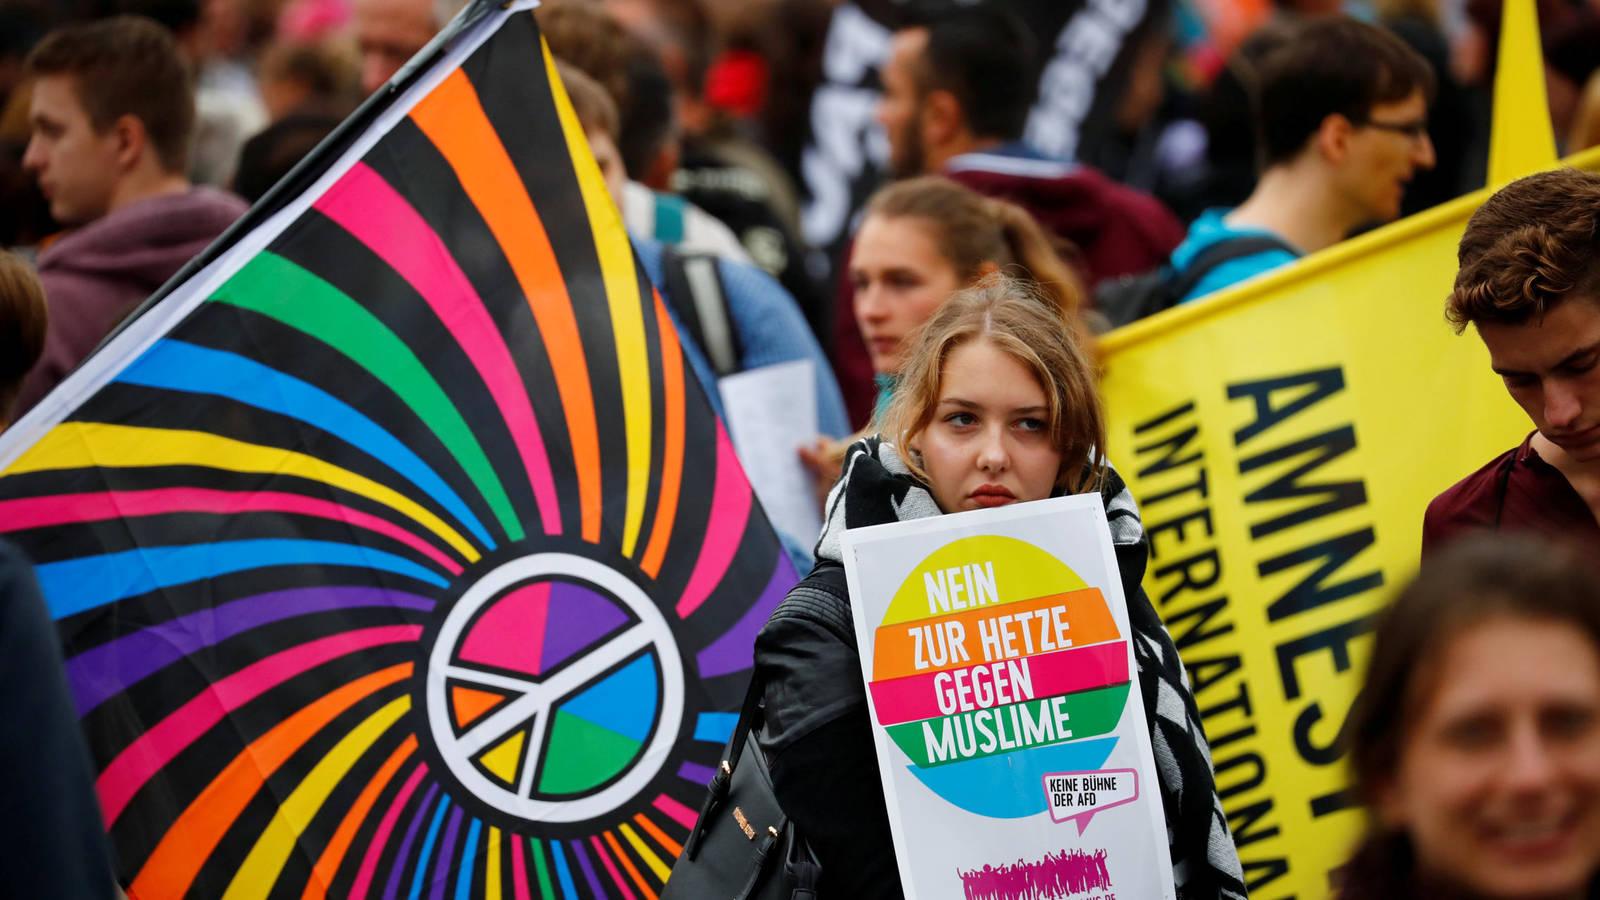 La moción pretende que nadie en Alemania sea perjudicado por su elección sexual.